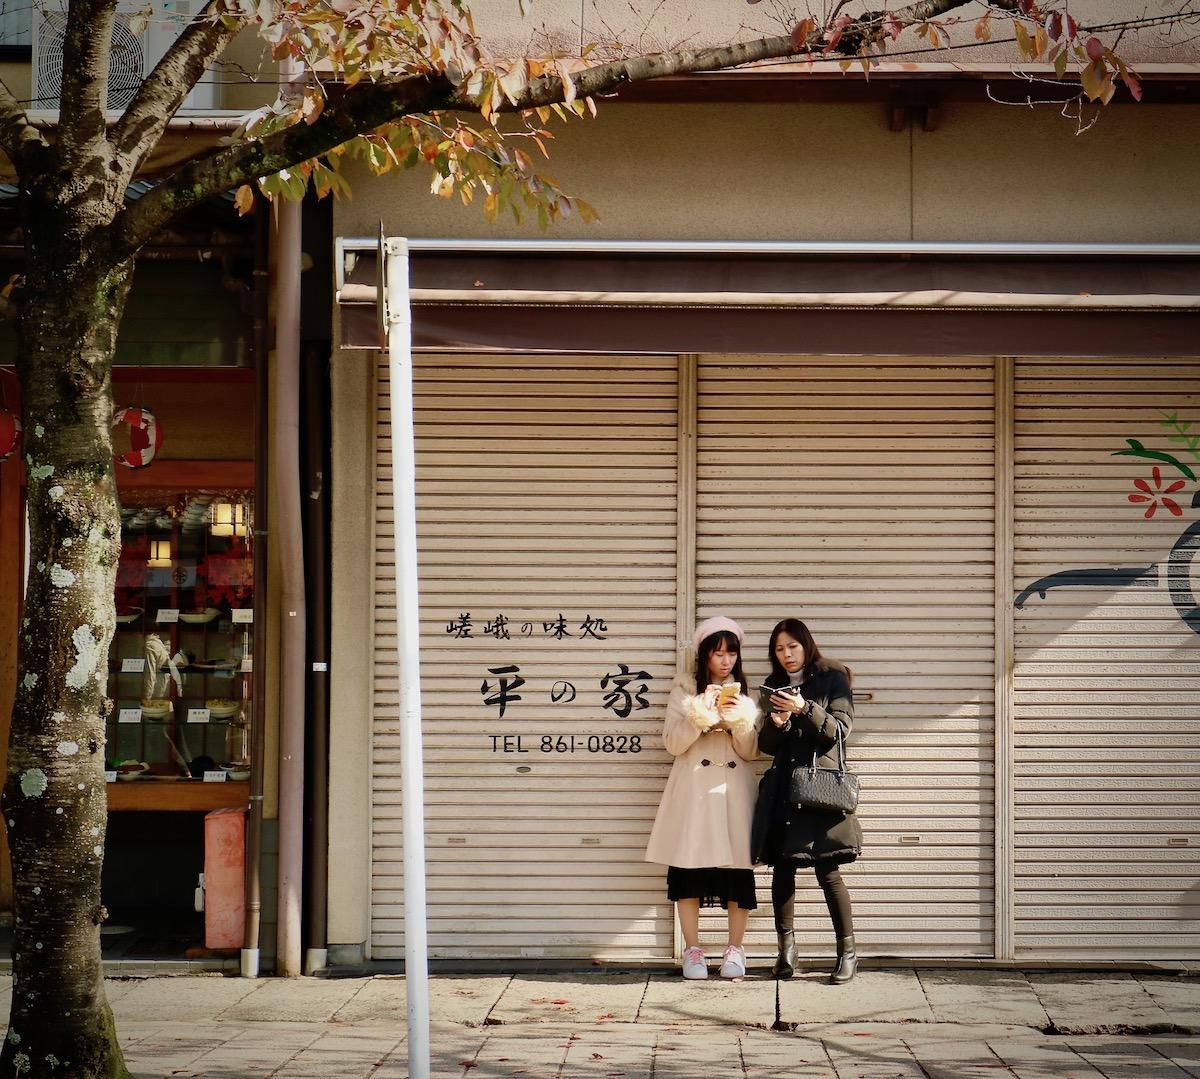 cosa vedere a kyoto, kyoto, viaggio in giappone